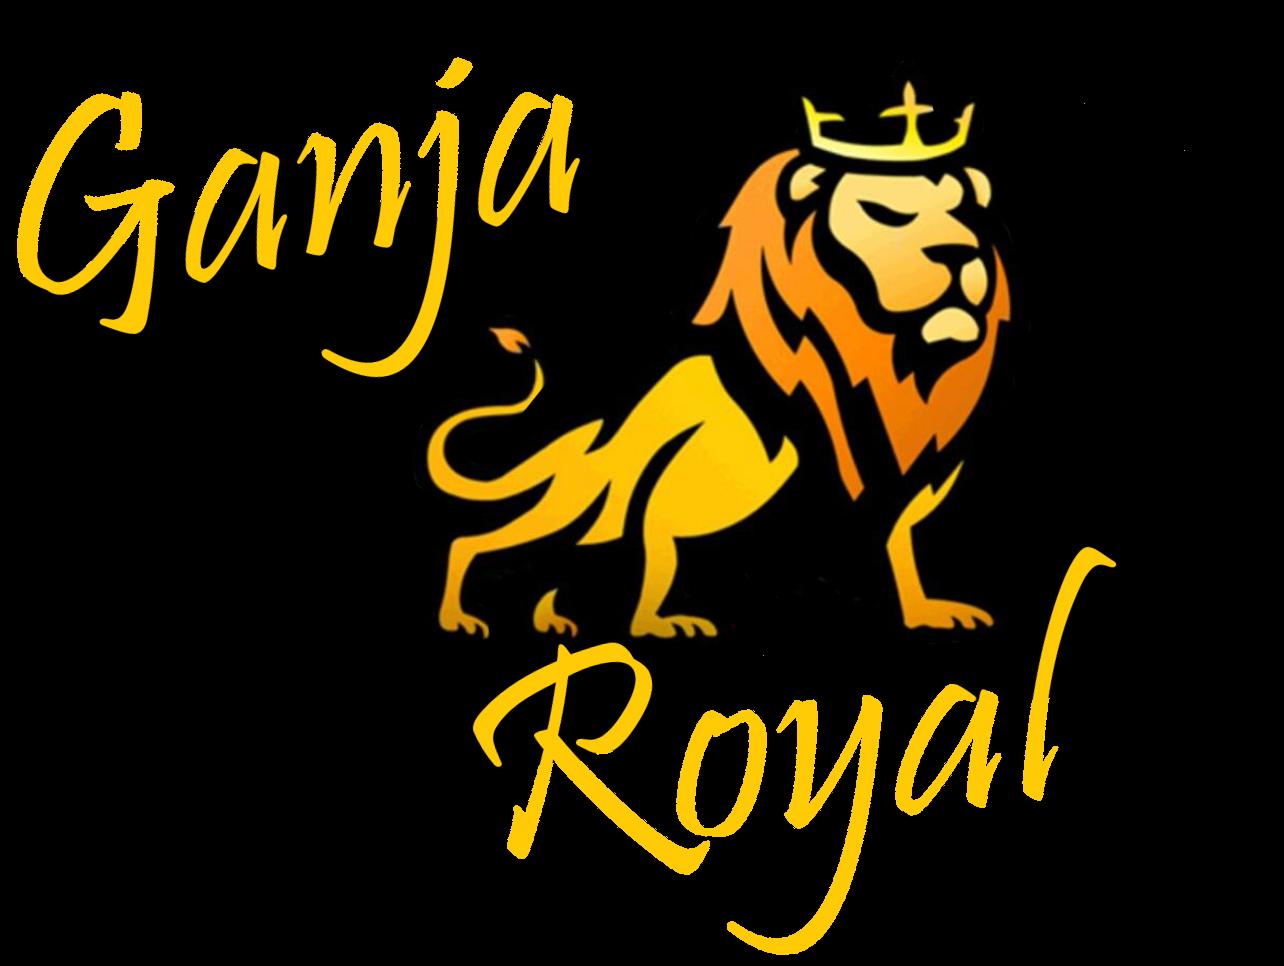 ganja royal